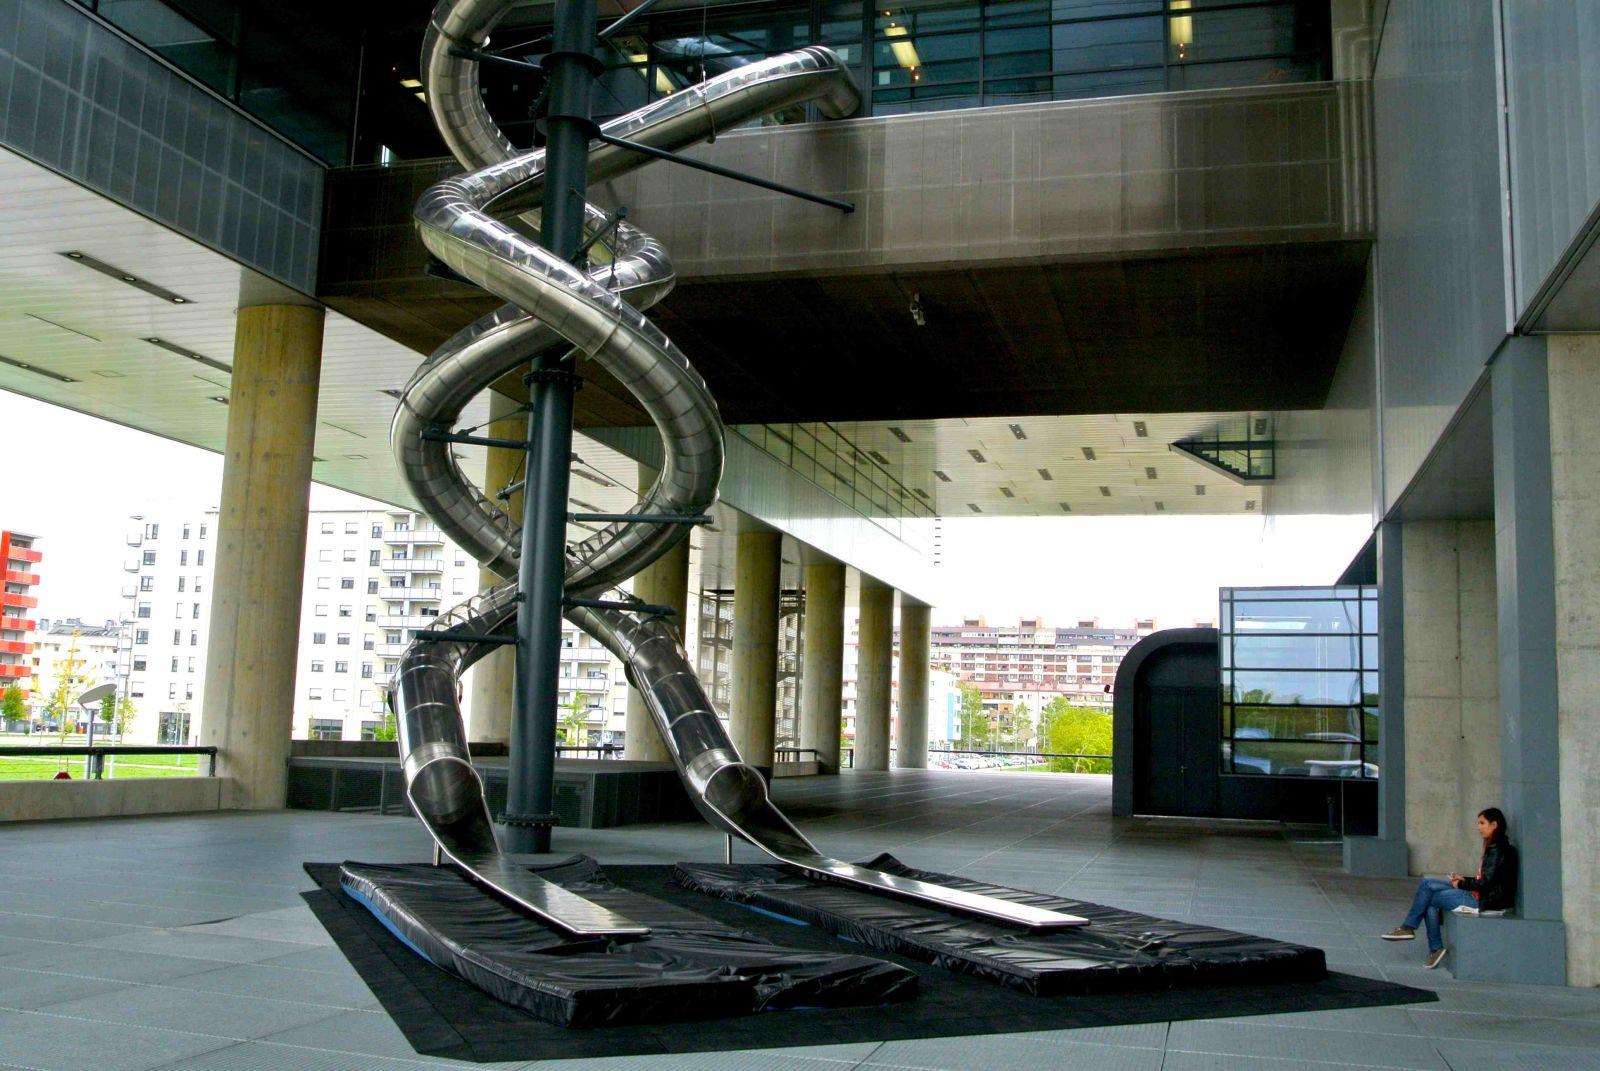 Musée d'Art Contemporain, Nouveau Zagreb, Croatie